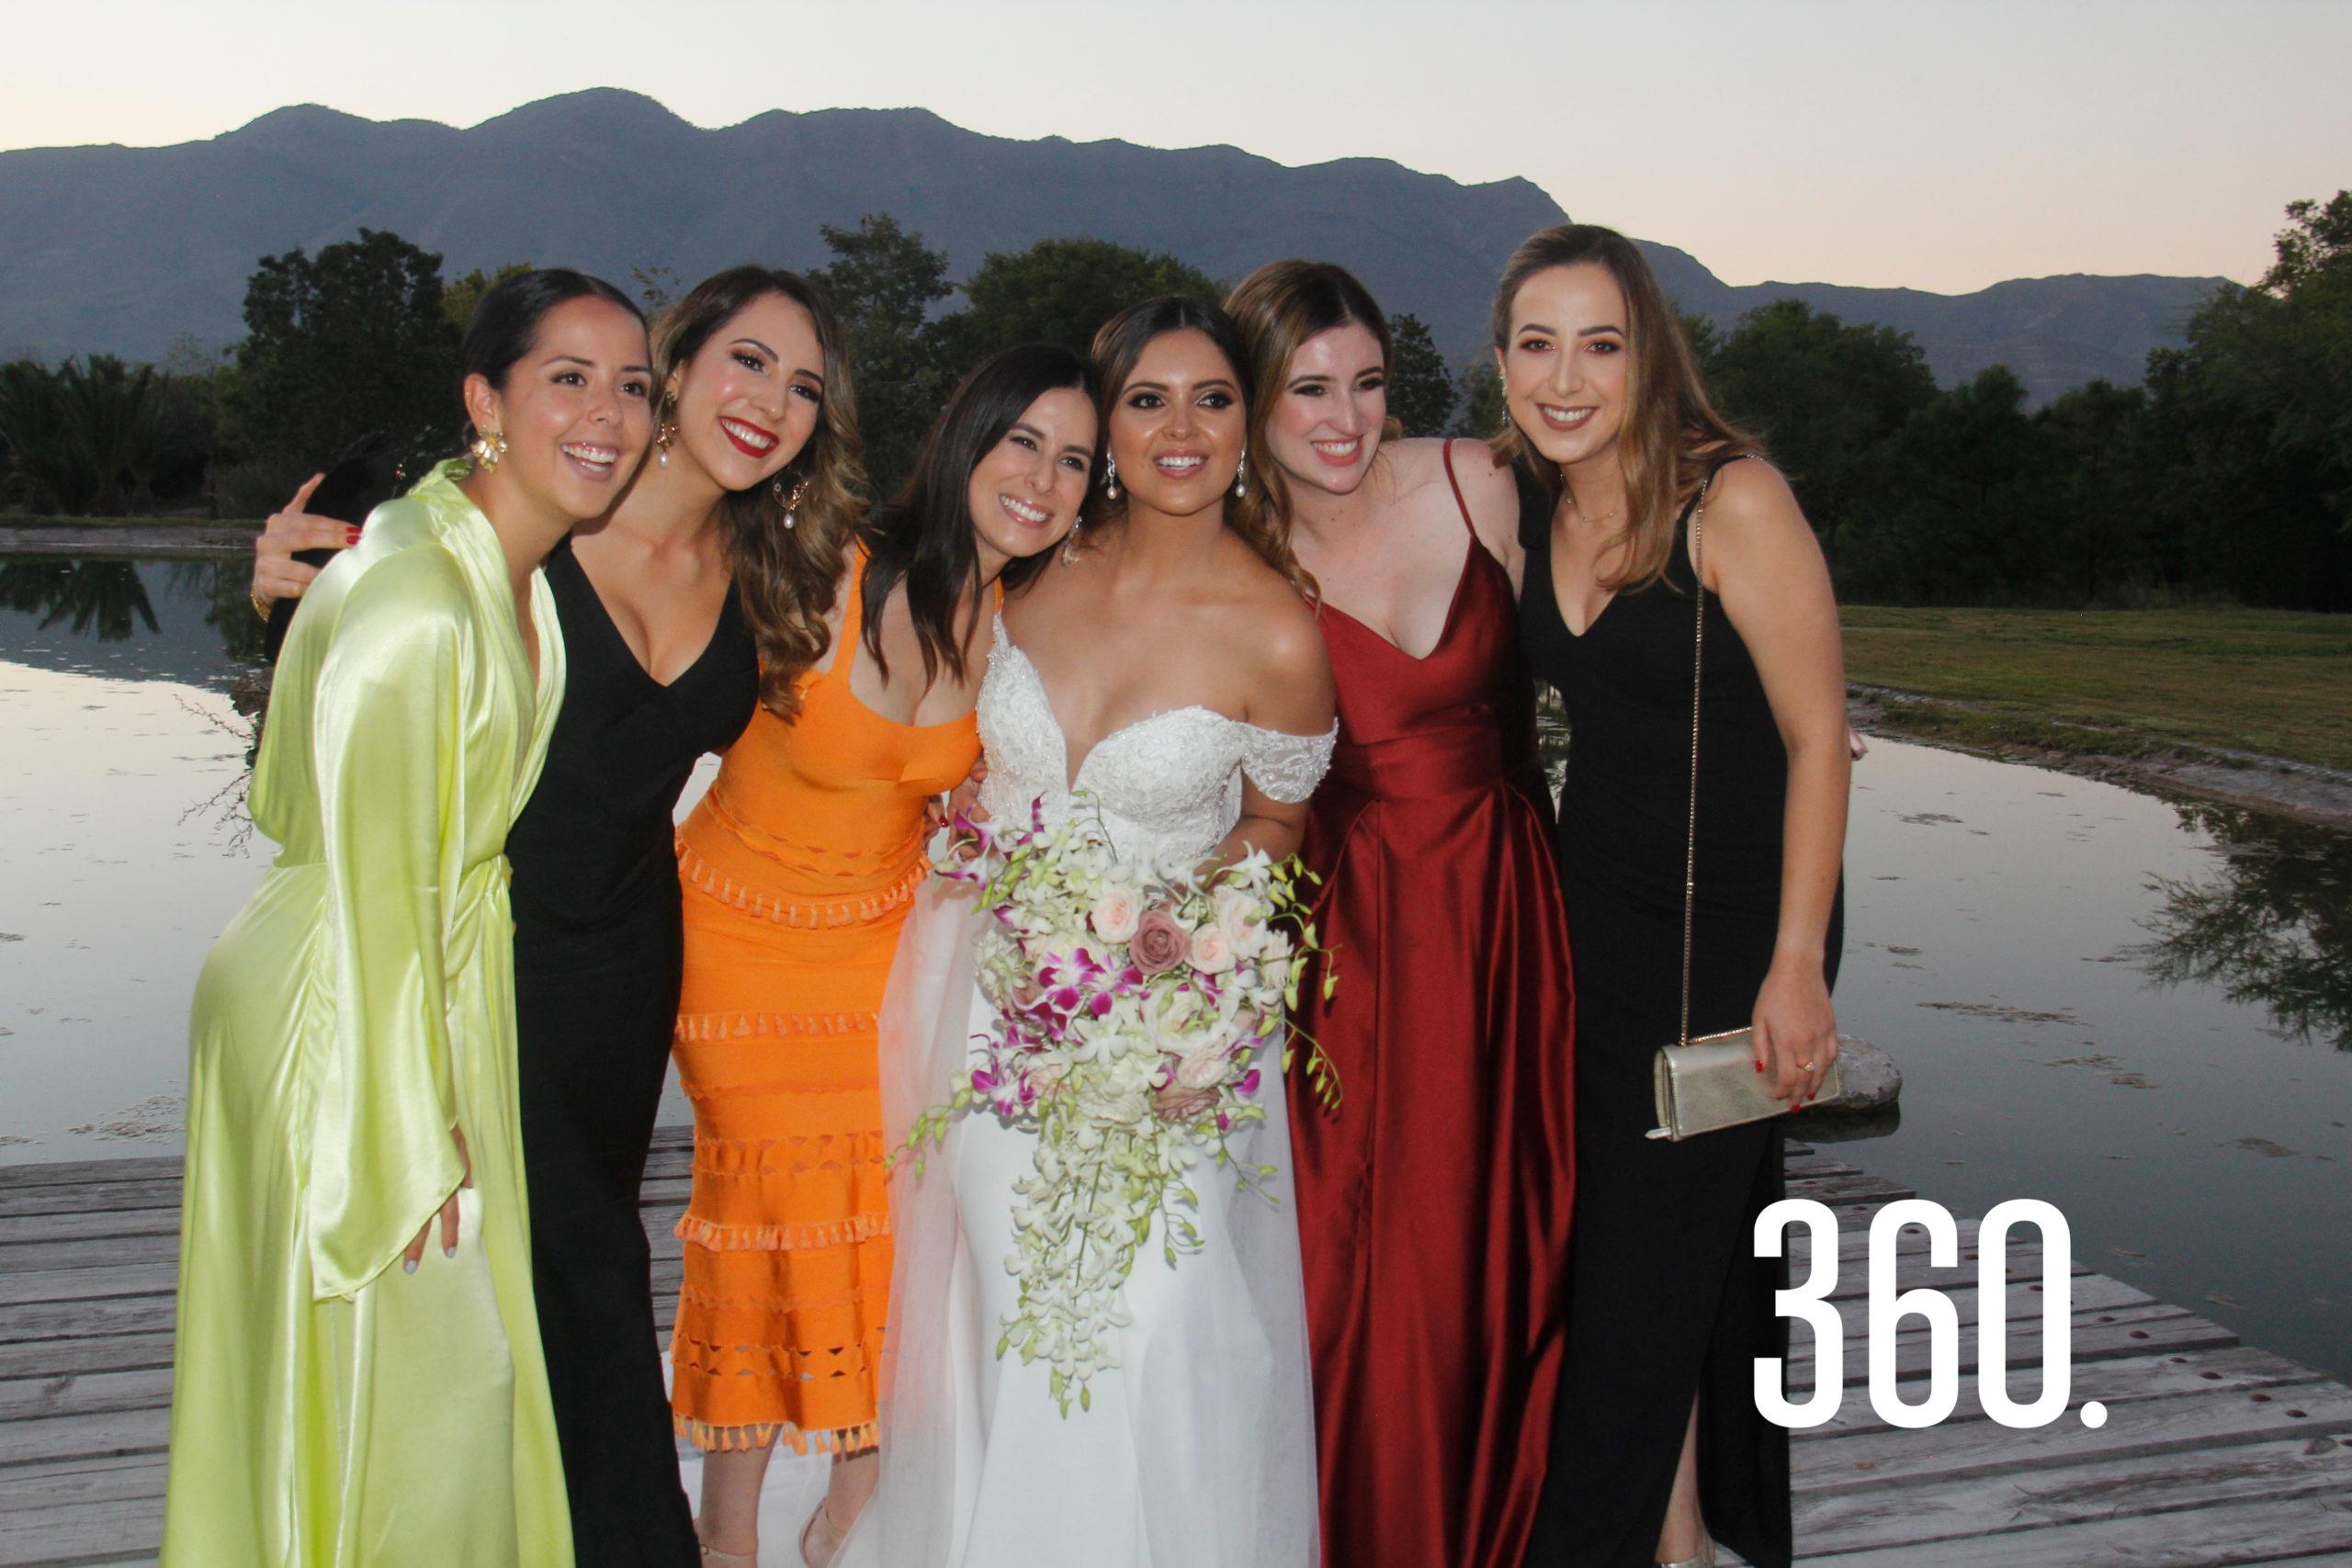 La radiante novia acompañada por sus amigas.